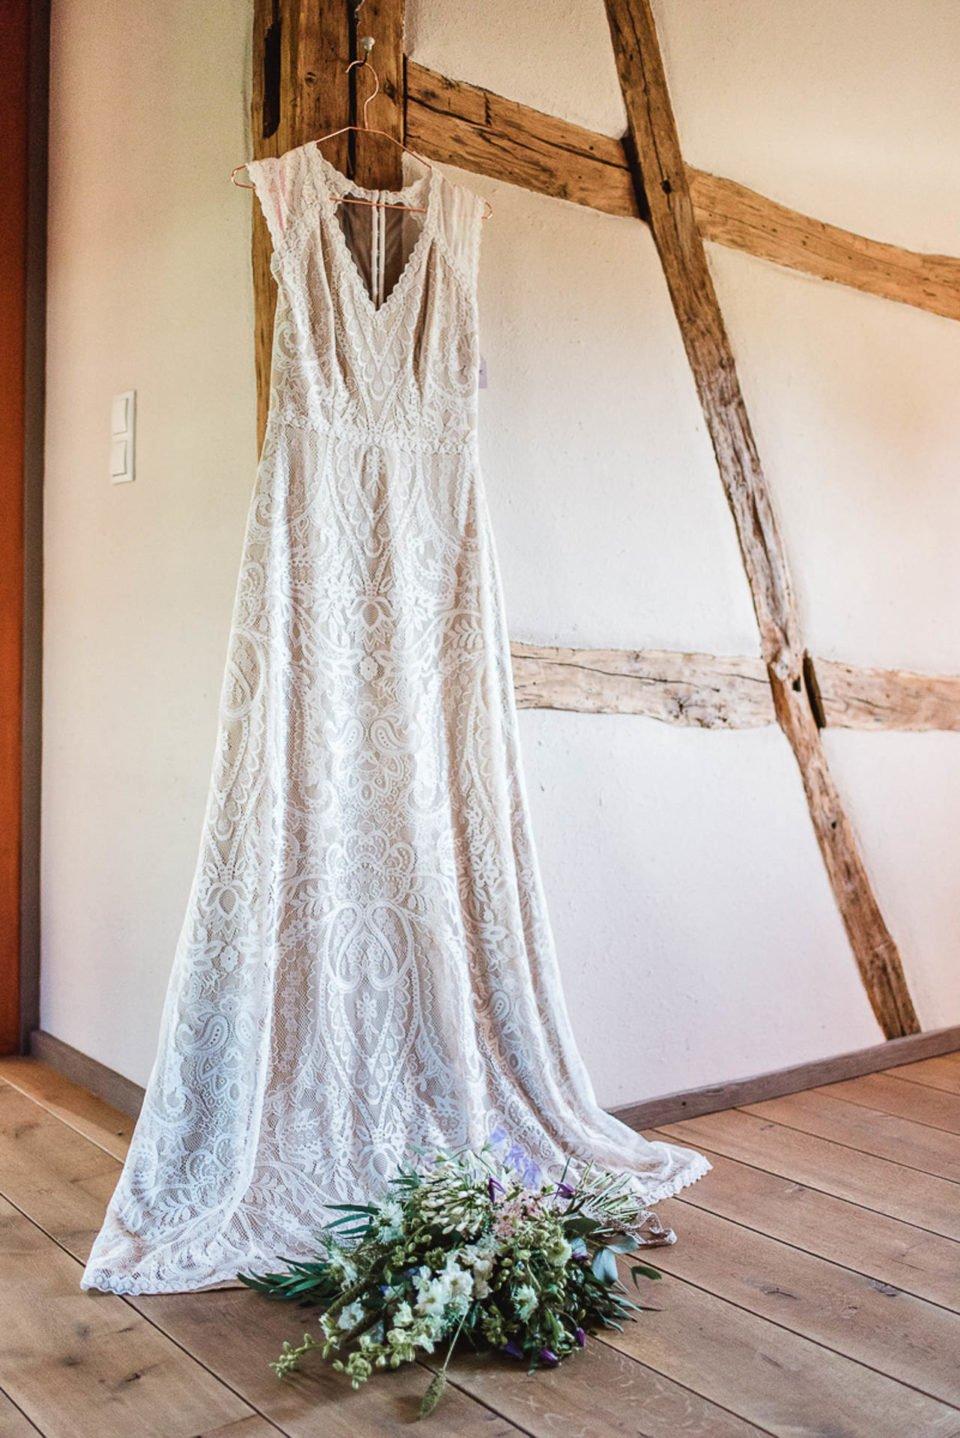 Brautkleid in Nude wartet auf die Boho Braut beim getting ready